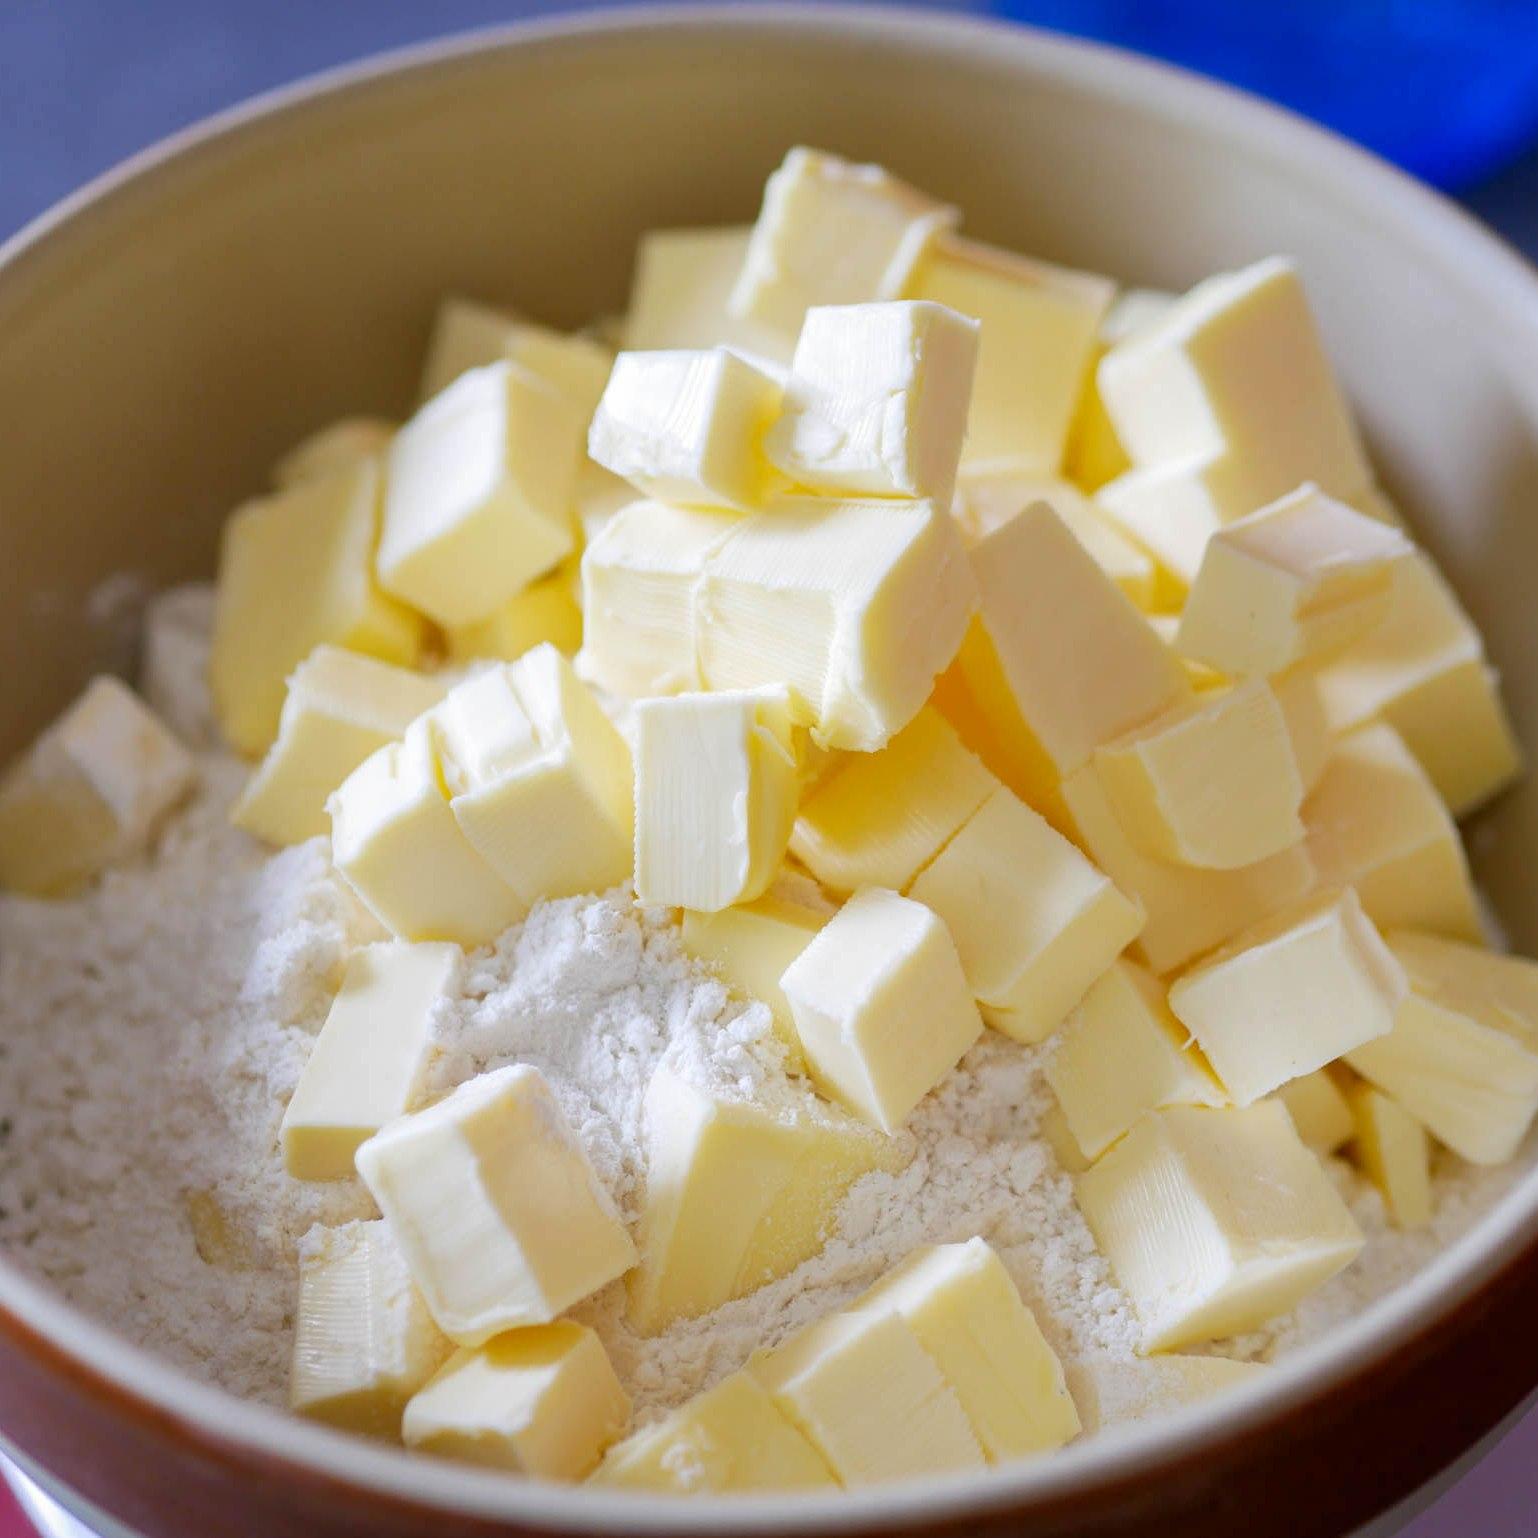 Pâte feuillettée rapide : du beurre coupé en morceaux dans la farine, du sel et de l'eau petit à petit et on mélange tout avec les mains